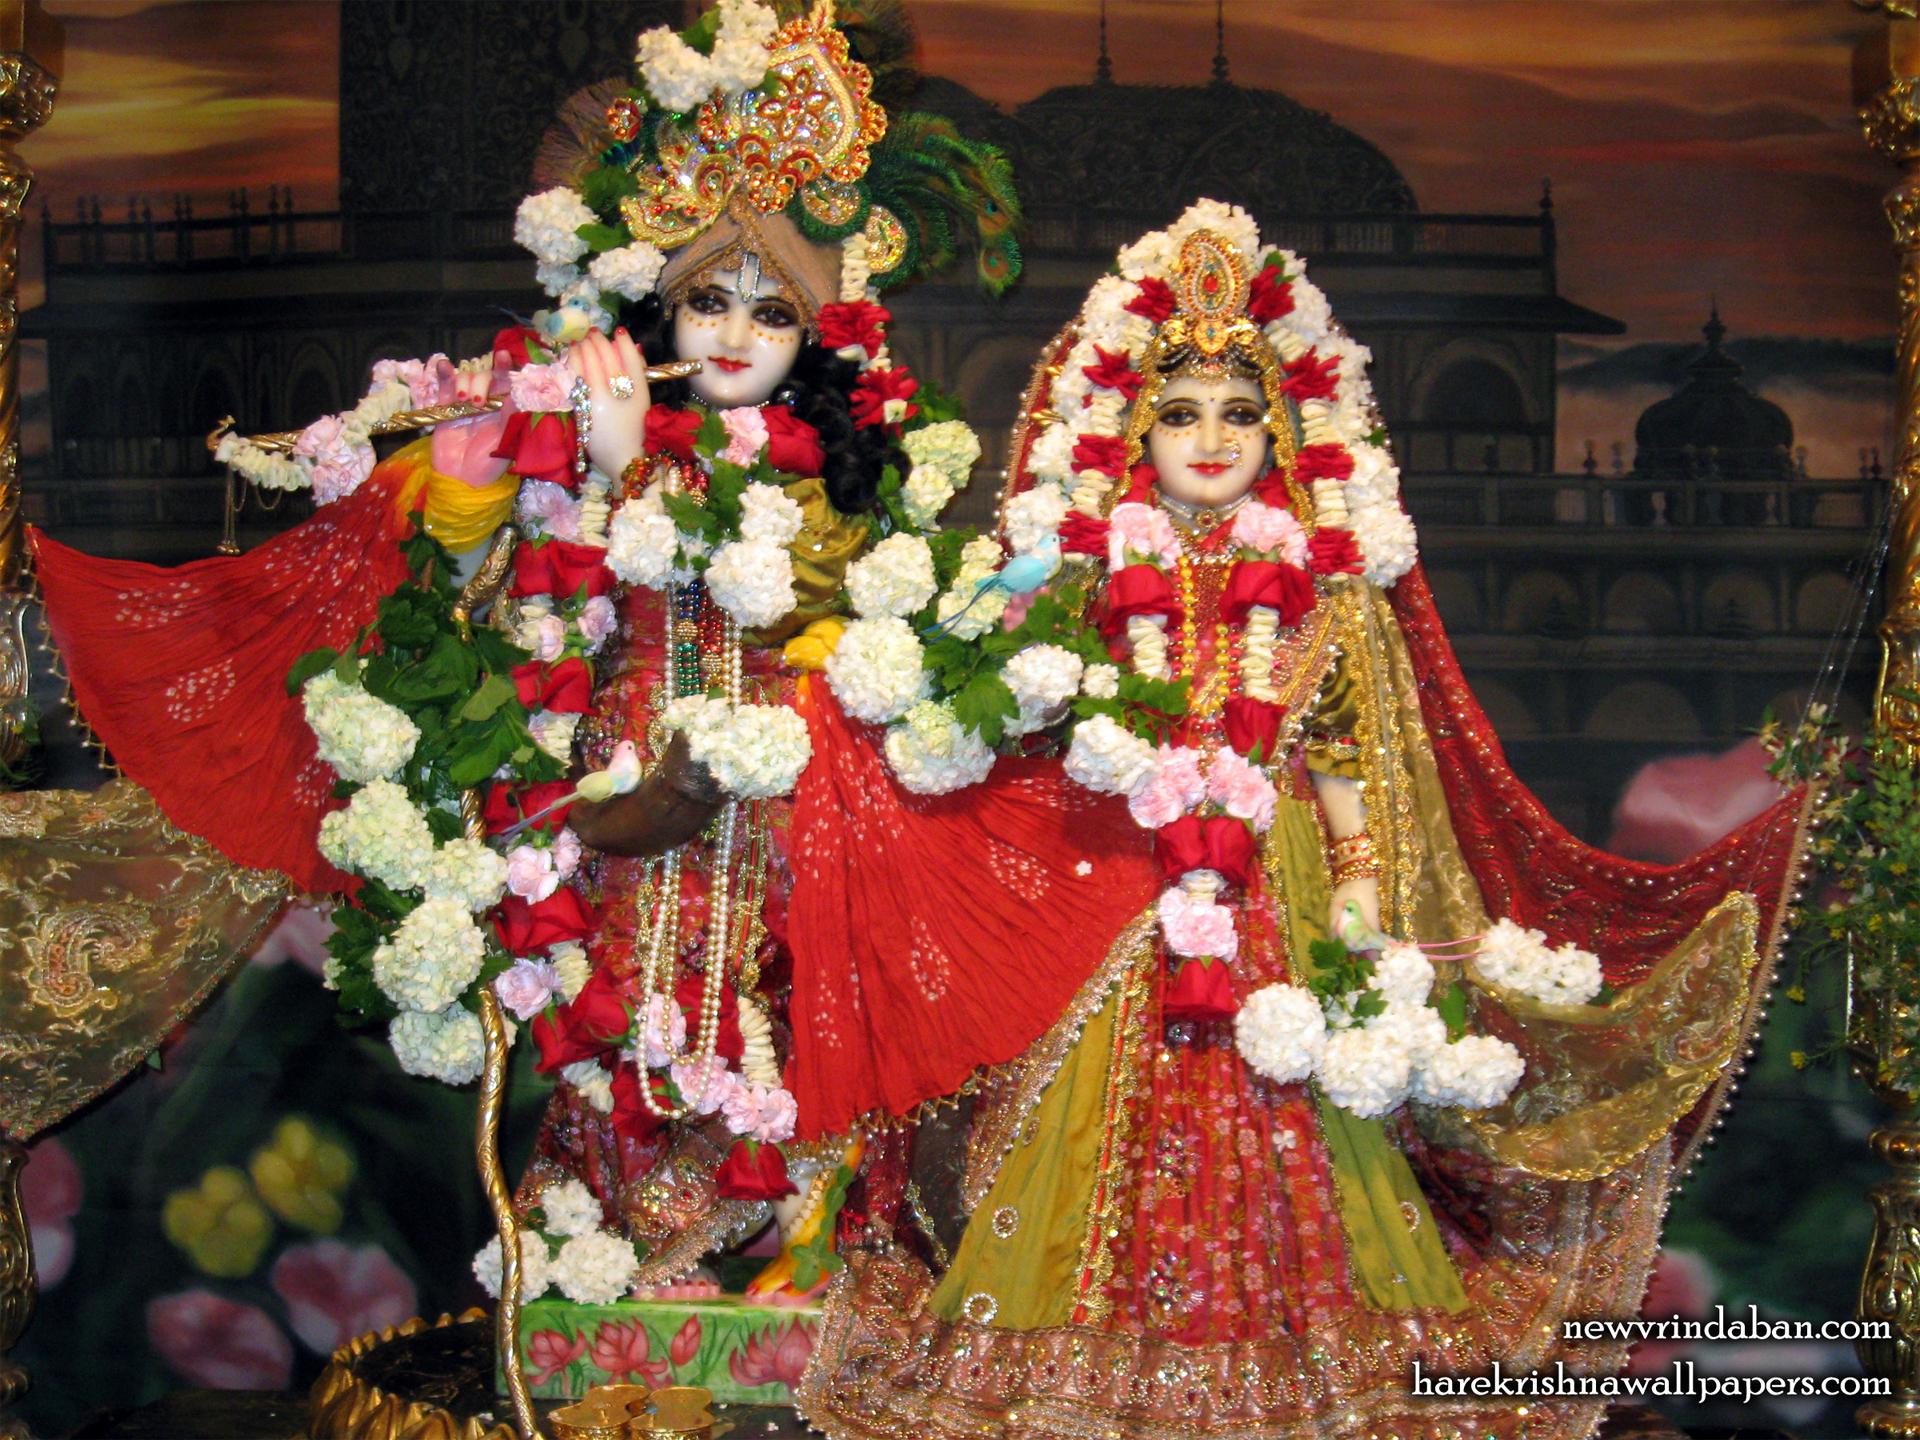 Sri Sri Radha Vrindavana Chandra Wallpaper (001) Size 1920x1440 Download